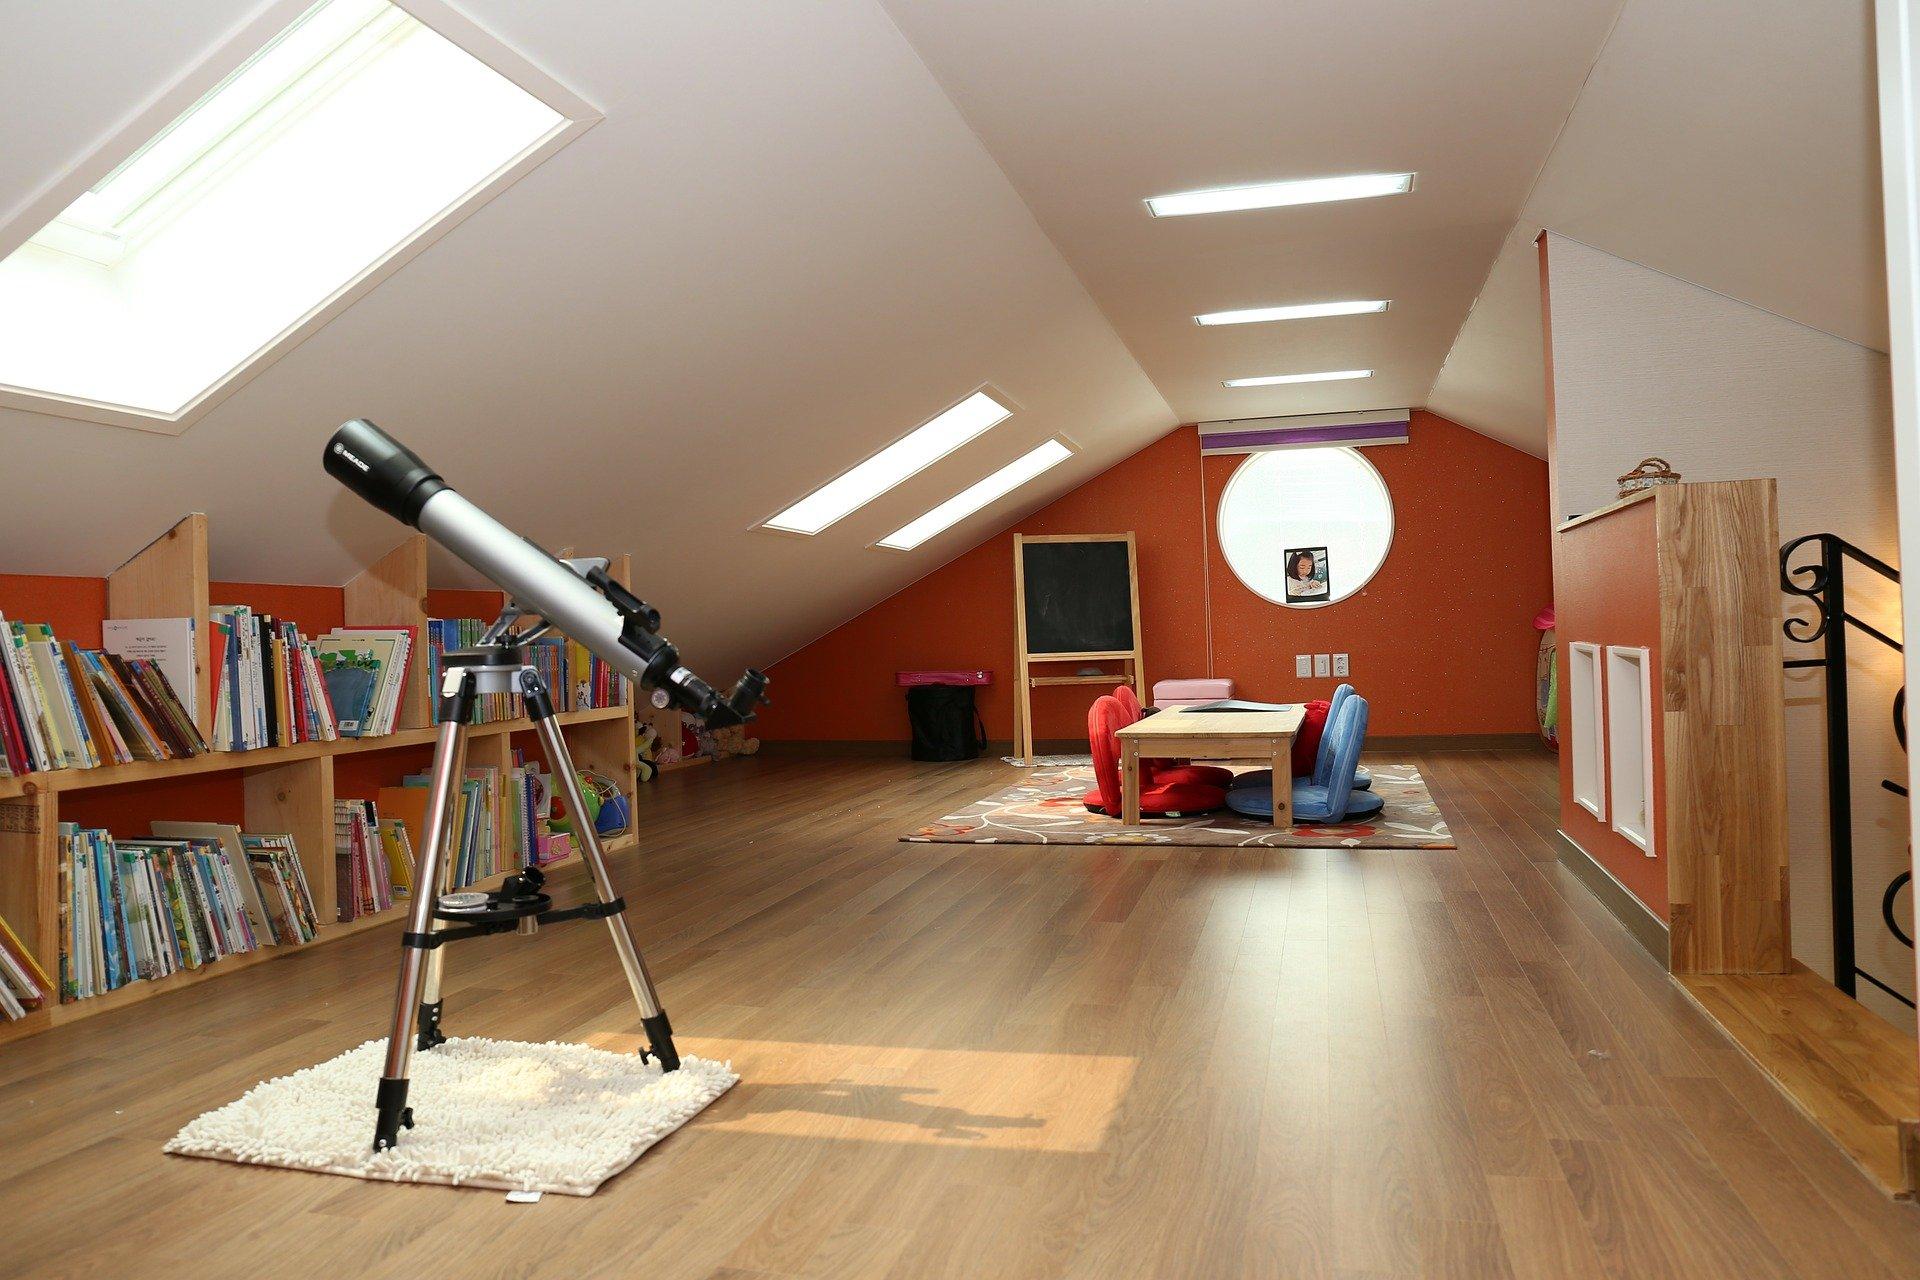 Wat te doen met een lege zolderkamer?